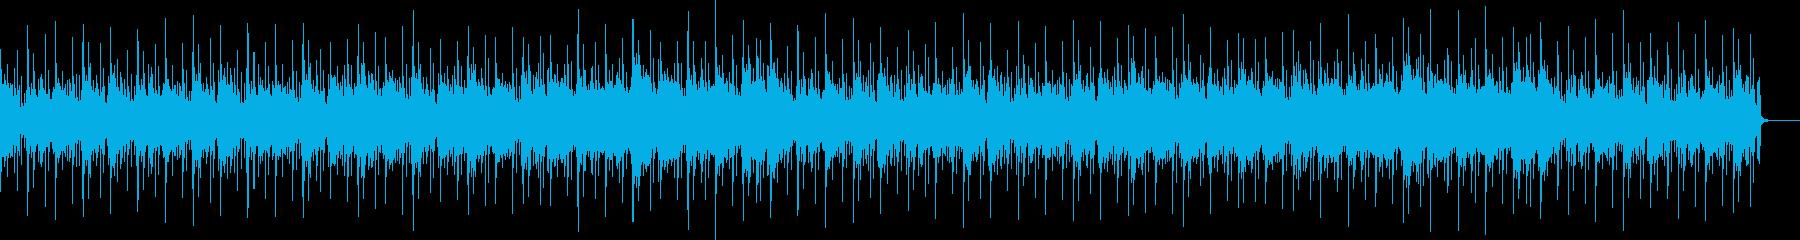 ヴァイオリンとピアノの穏やかな日常曲の再生済みの波形